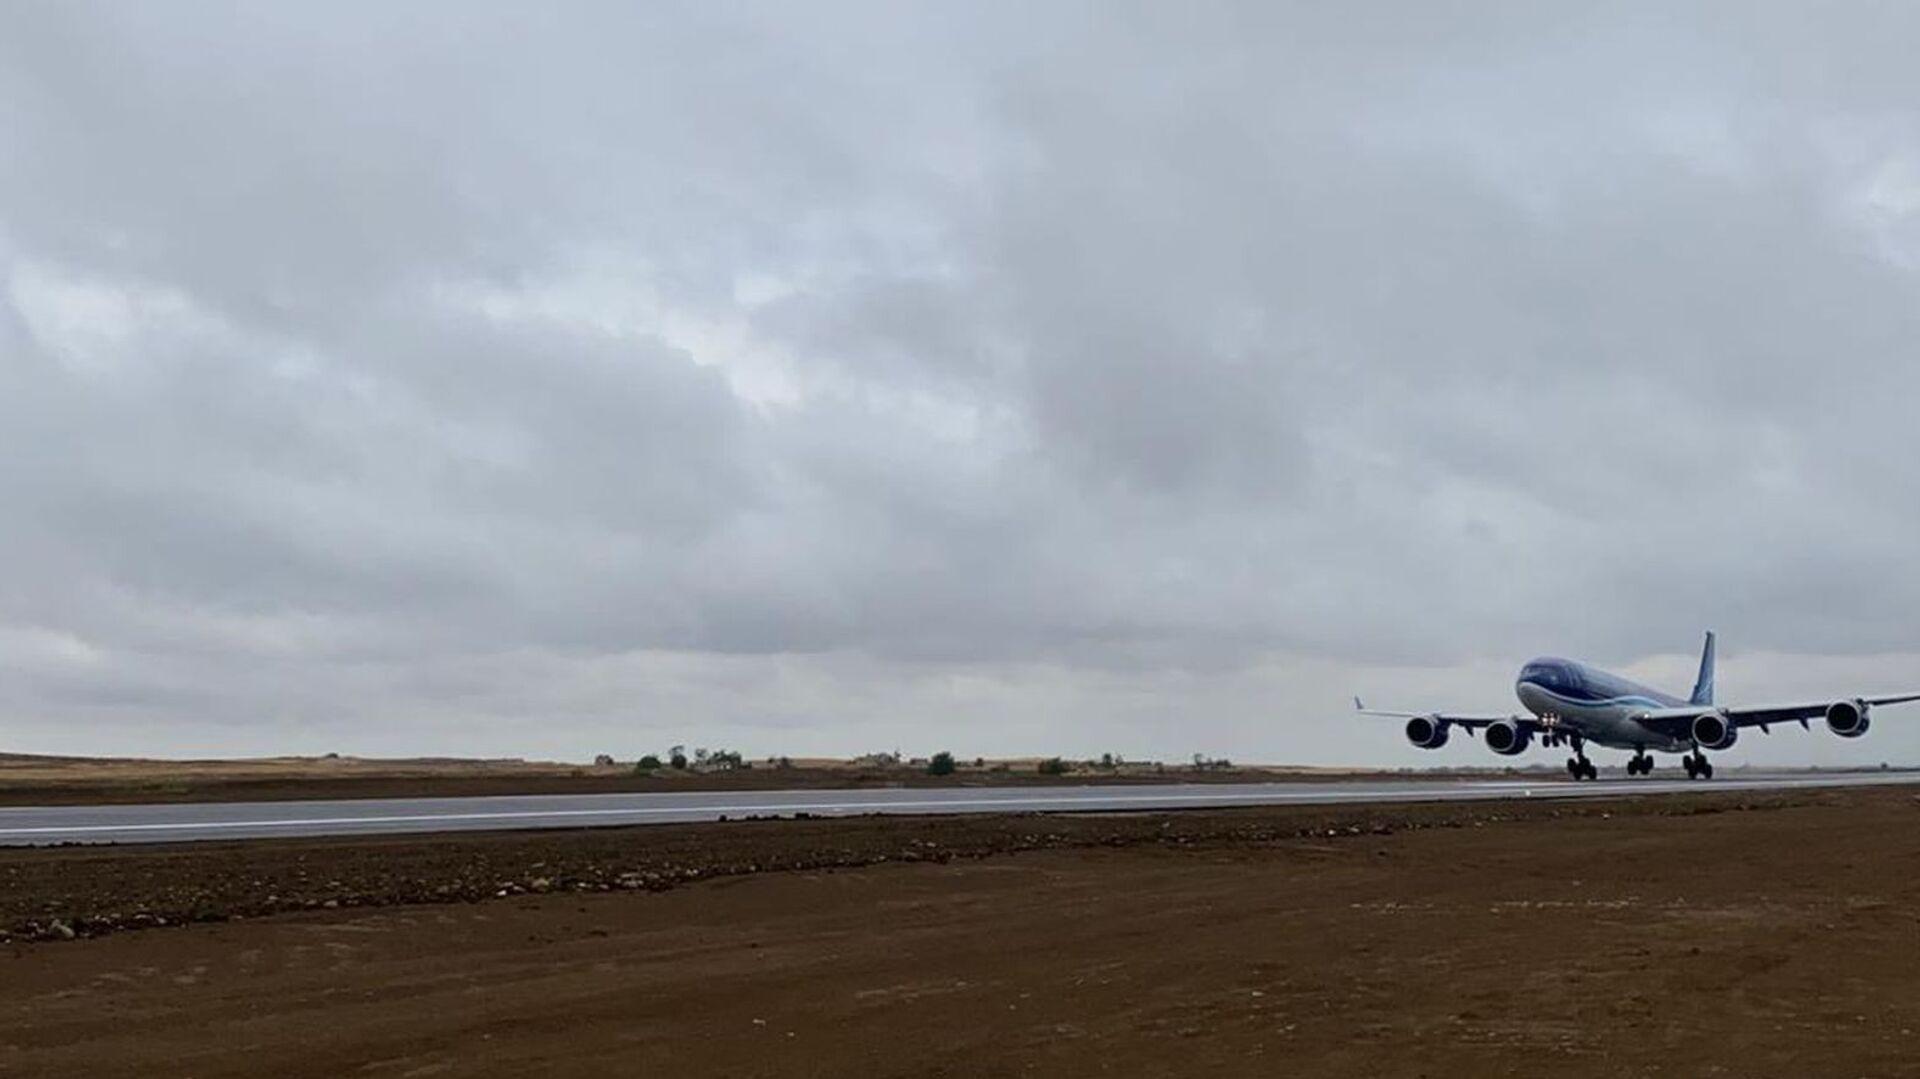 Bakıdan uçan Azərbaycan Hava Yolları na məxsus ən böyük Airbus A340-500 - Sputnik Azərbaycan, 1920, 05.09.2021